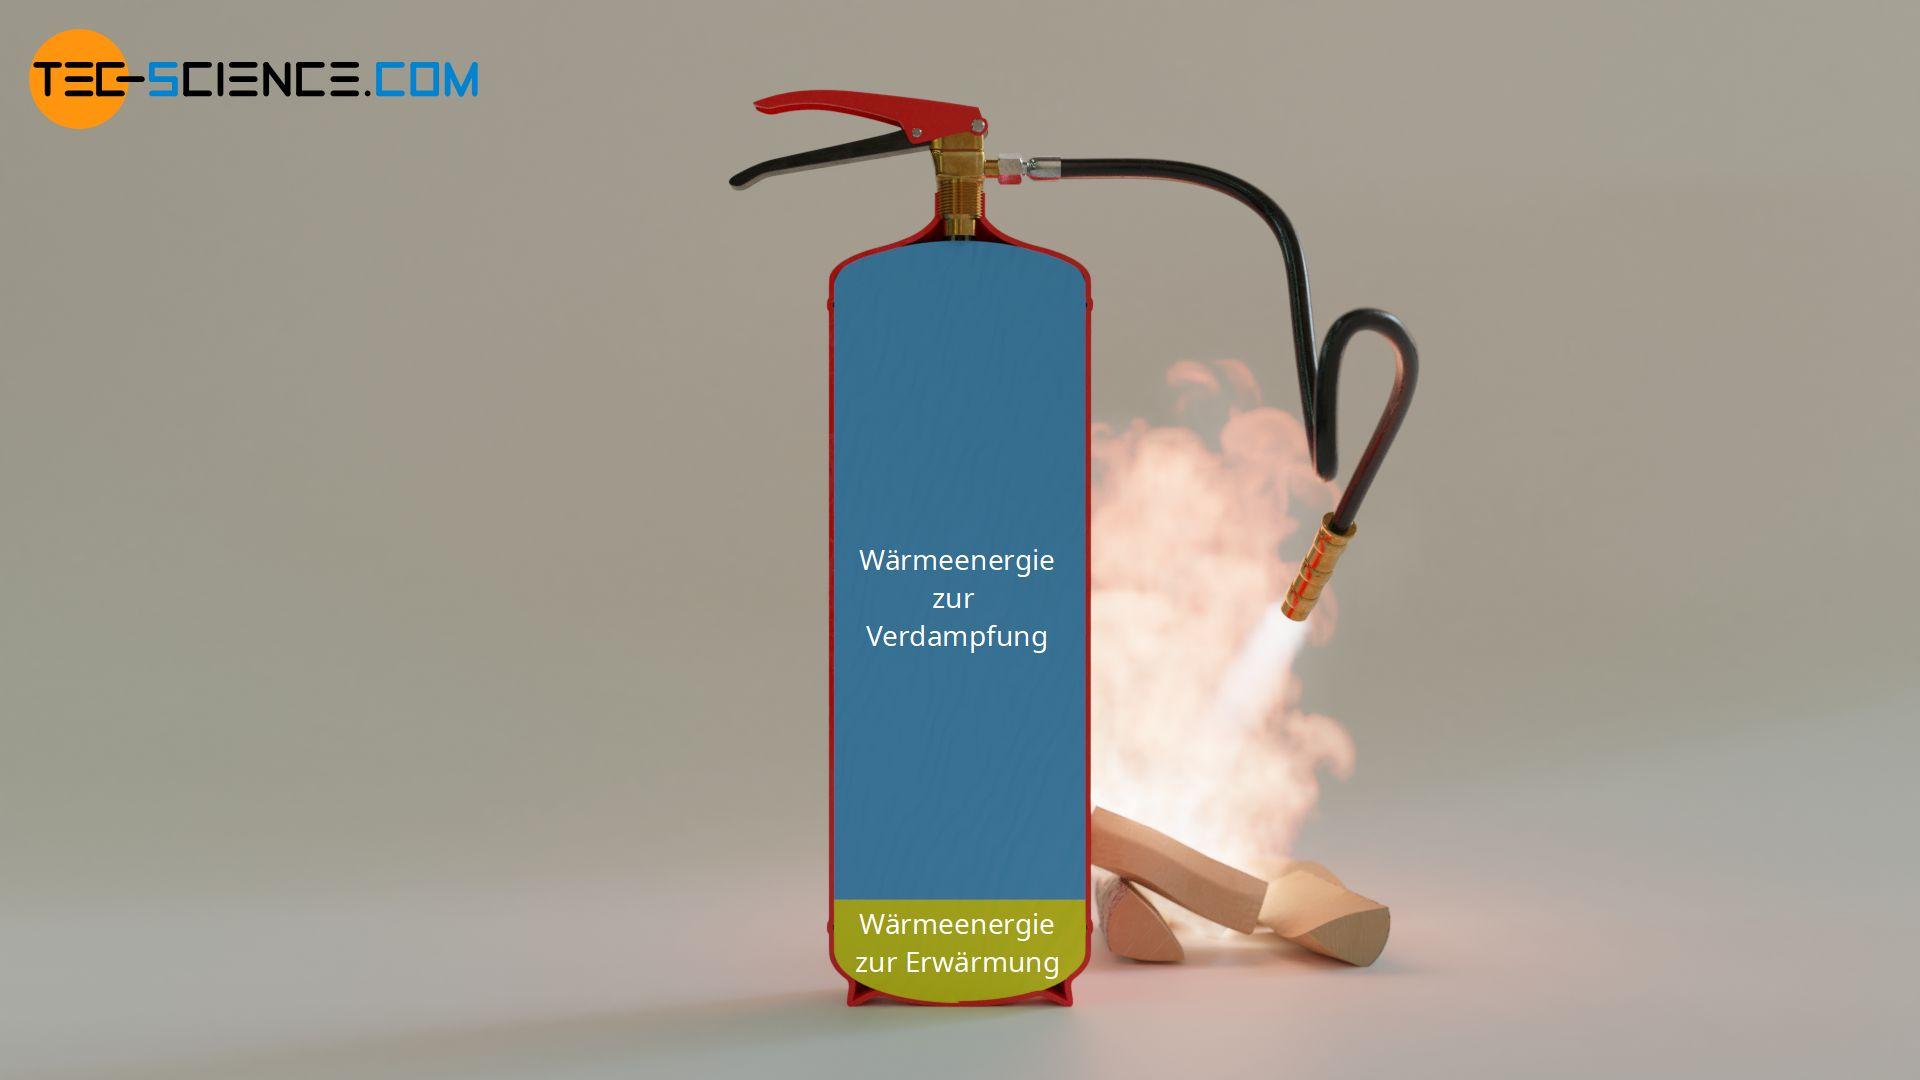 Vergleich der benötigten Wärmemengen zur Erwärmung und zur Verdampfung von Wasser